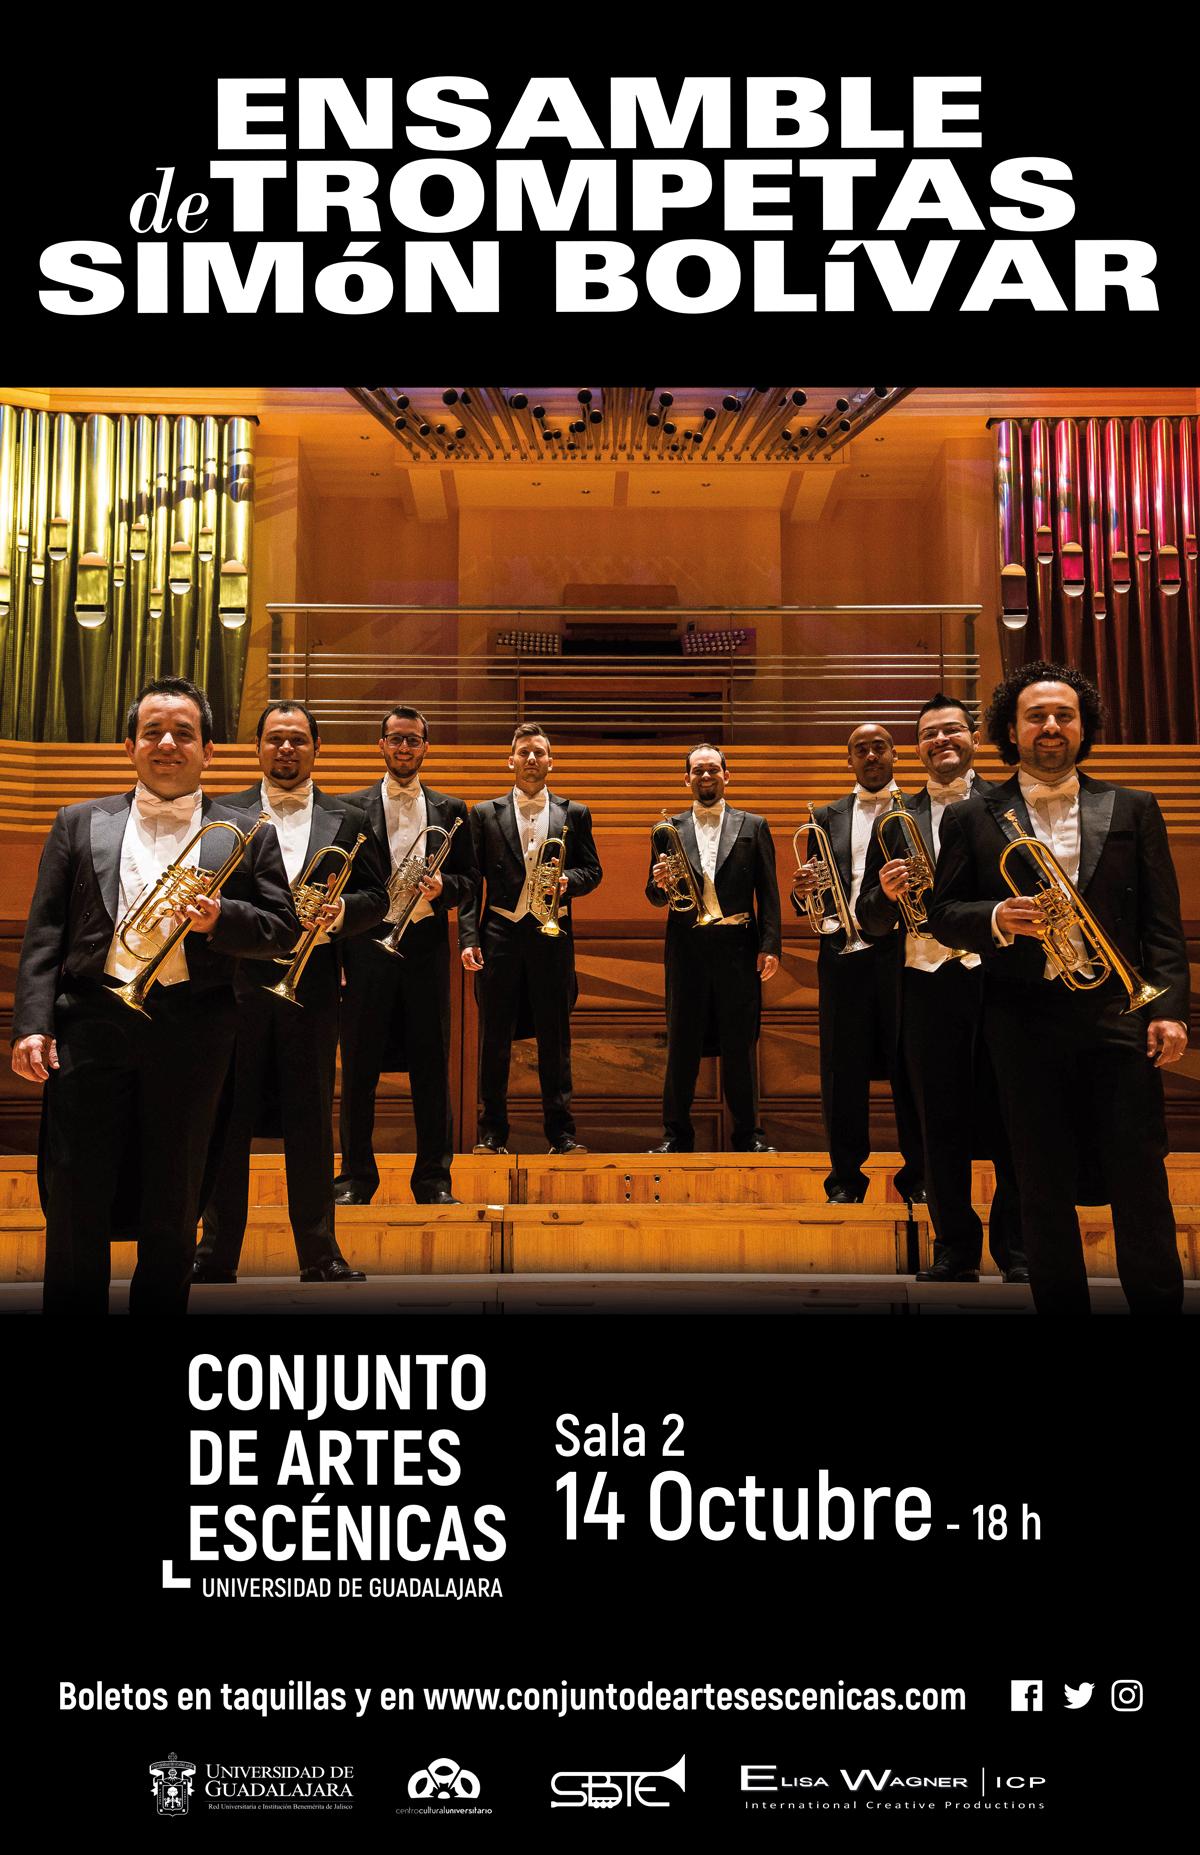 #DateAlaFuga #Cortesías / Ensamble de Trompetas Simón Bolívar / Conjunto de Artes Escénicas